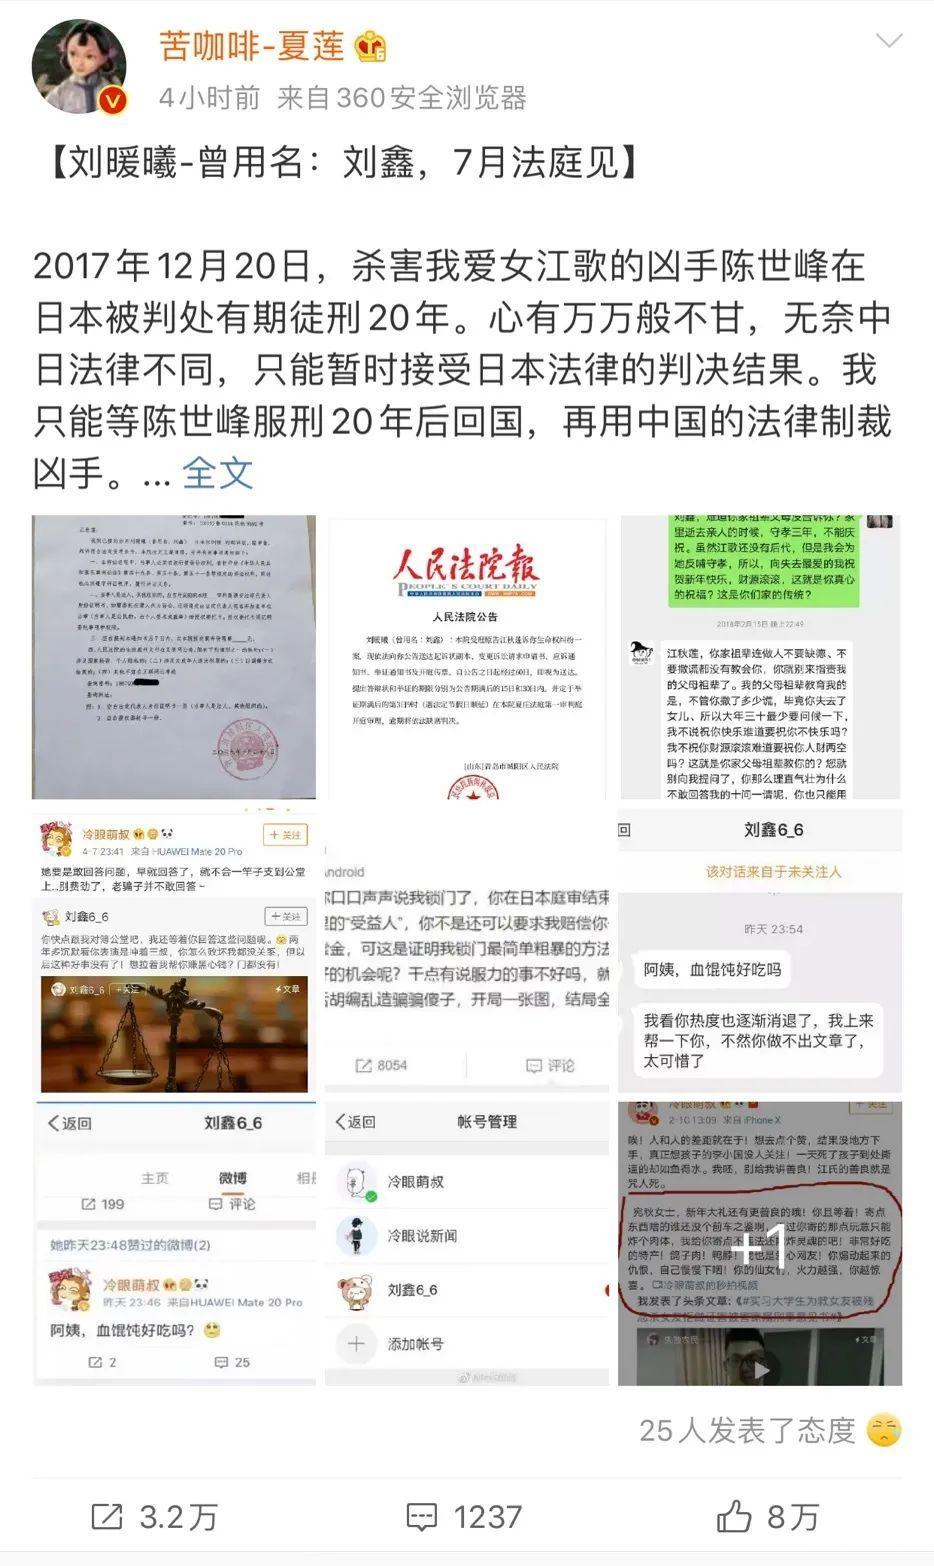 江歌母亲起诉刘鑫 青岛城阳区法院向刘鑫公告送达传票